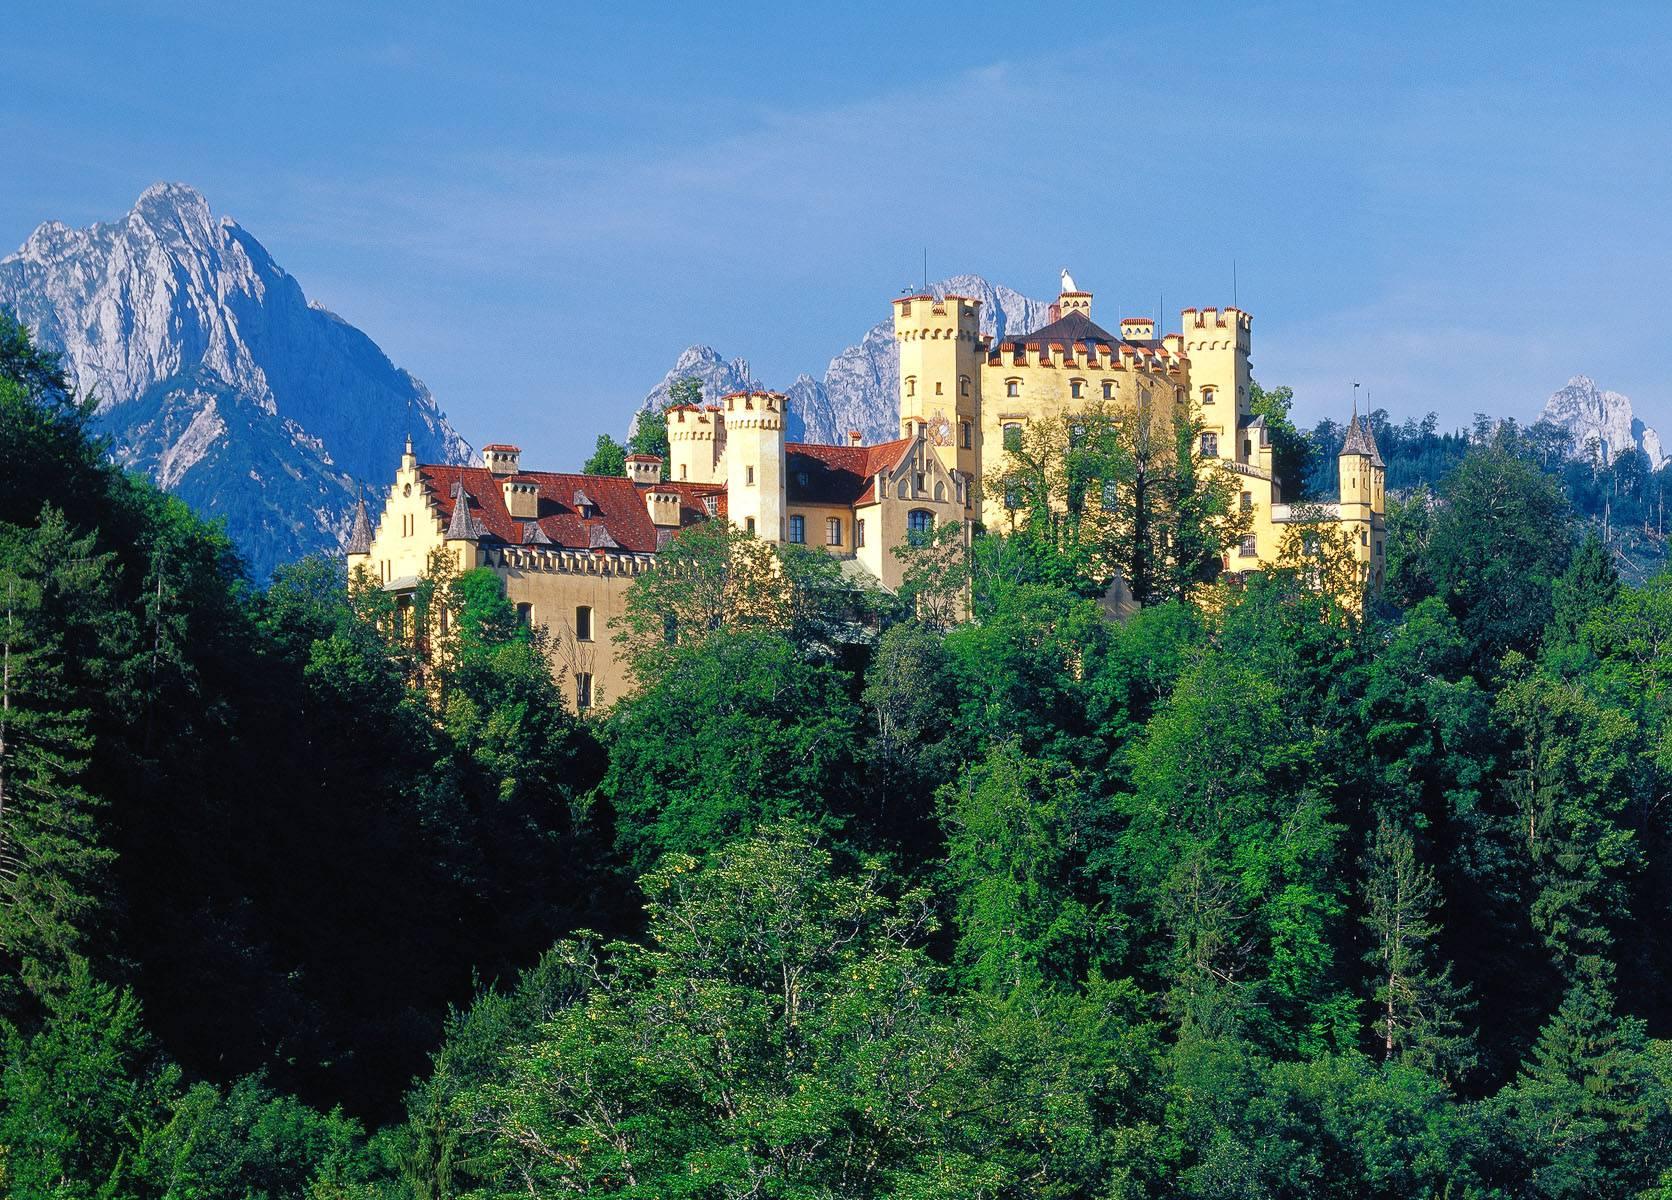 Сказочный замок хоэншвангау: история создания, описание дворца и фото